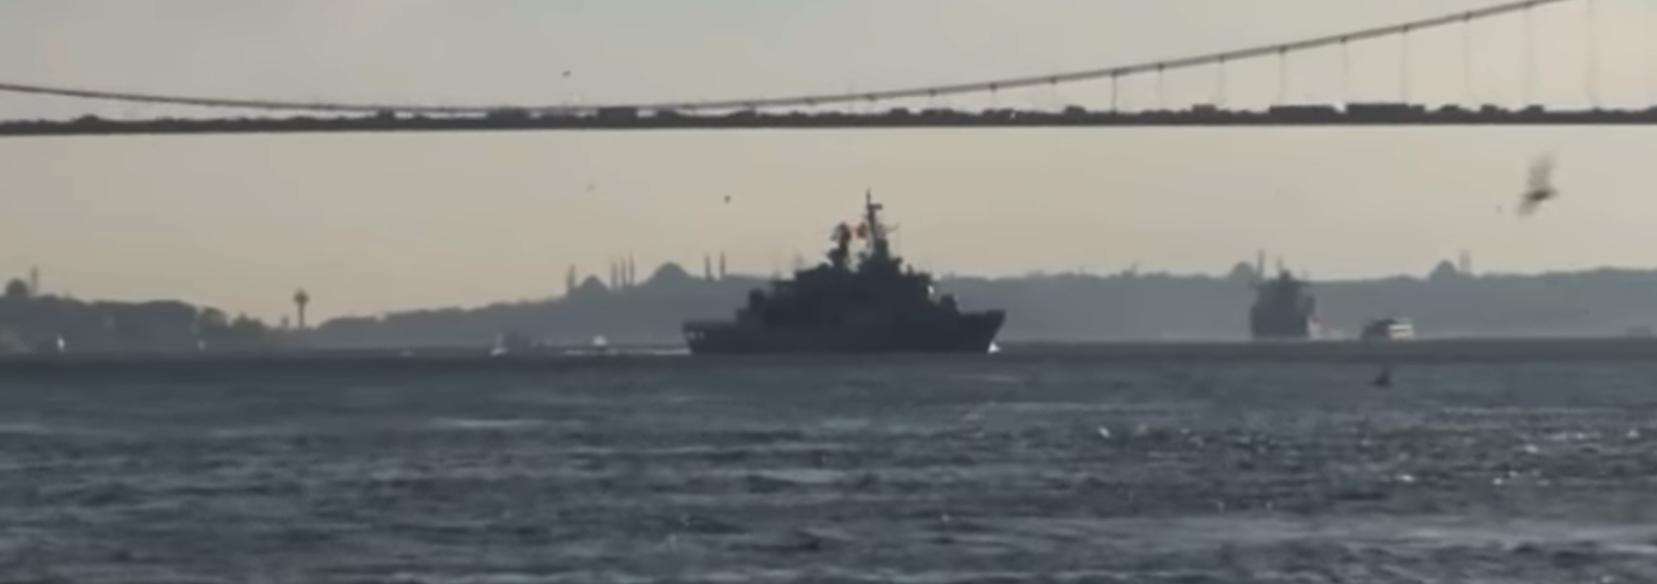 Корабль на фоне Керченского моста